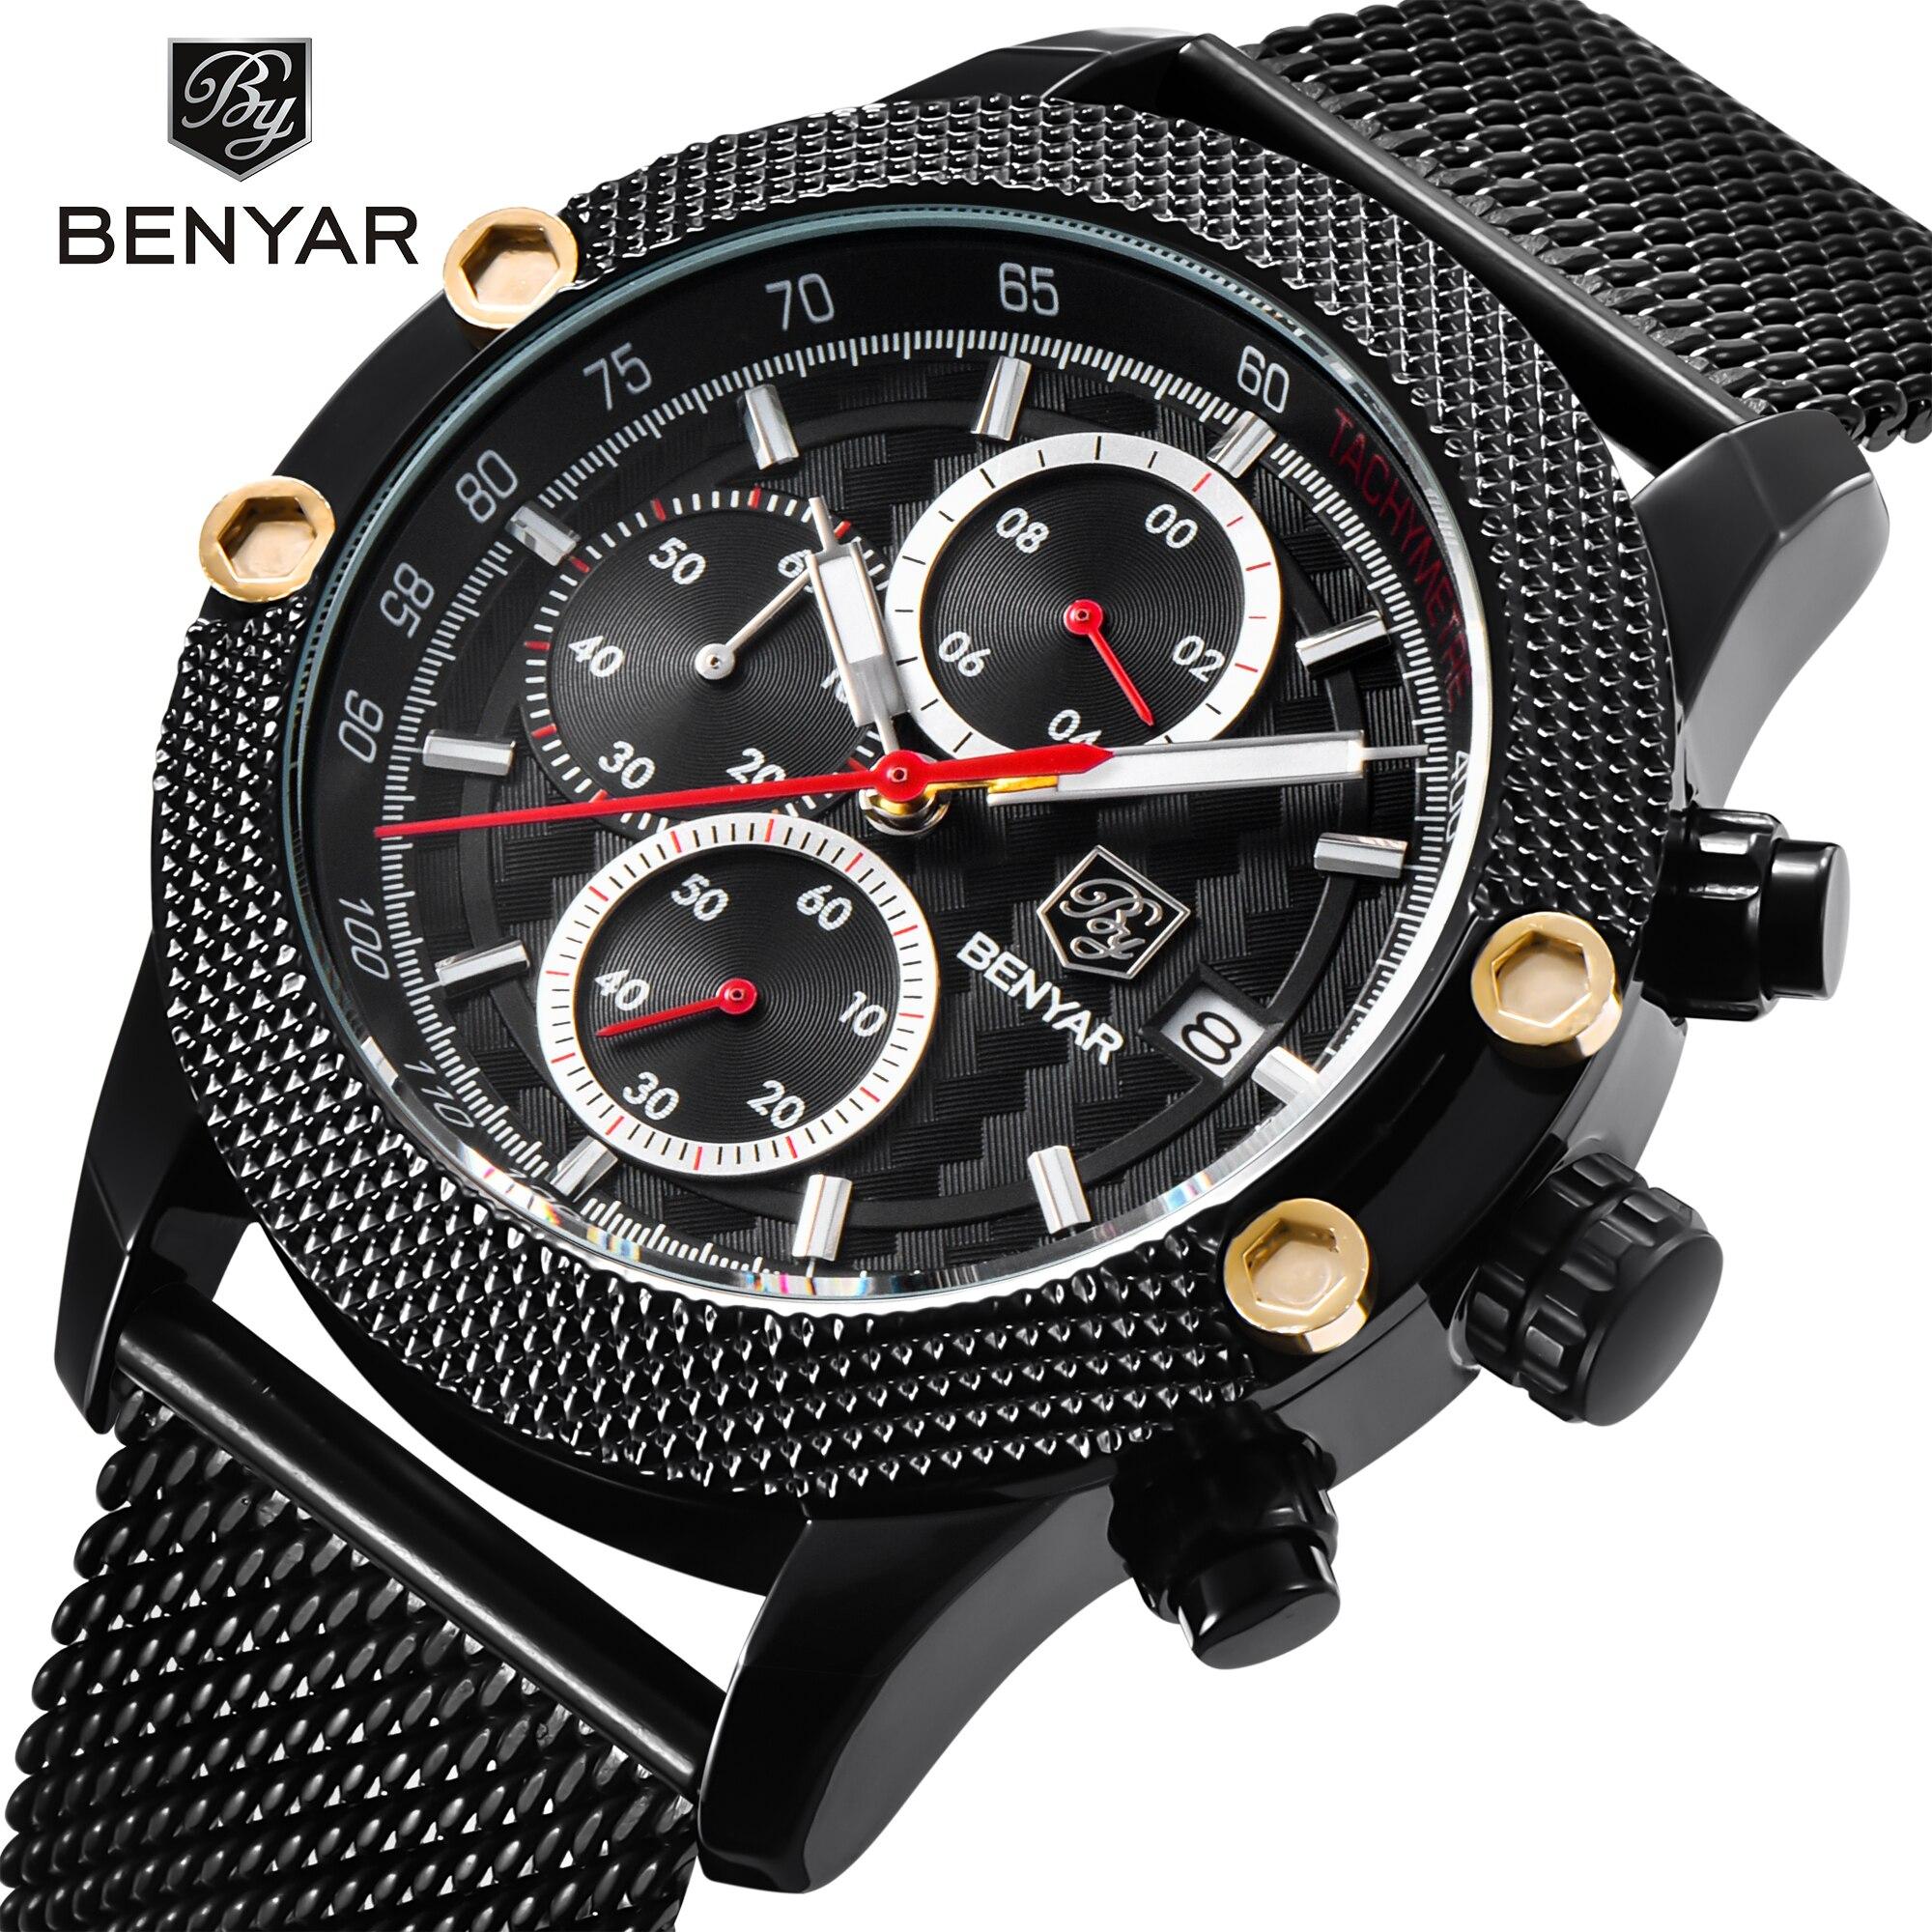 BENYAR новые модные черные мужские кварцевые часы люксовый бренд водонепроницаемые спортивные наручные часы из нержавеющей стали повседневн...